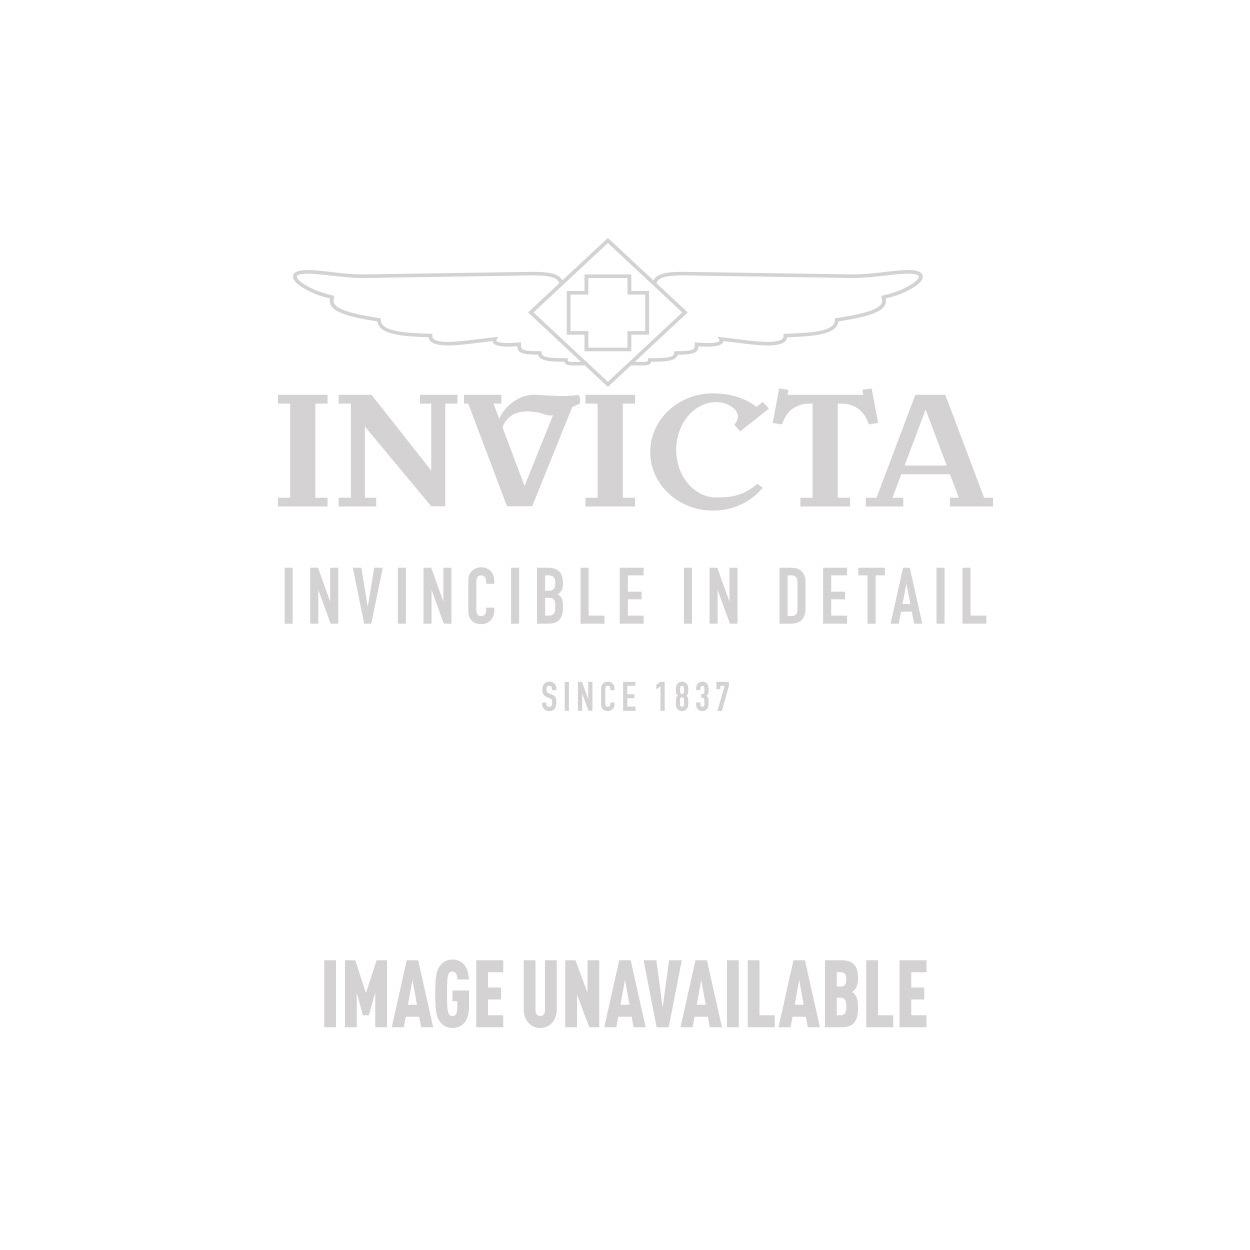 Invicta Model 27705